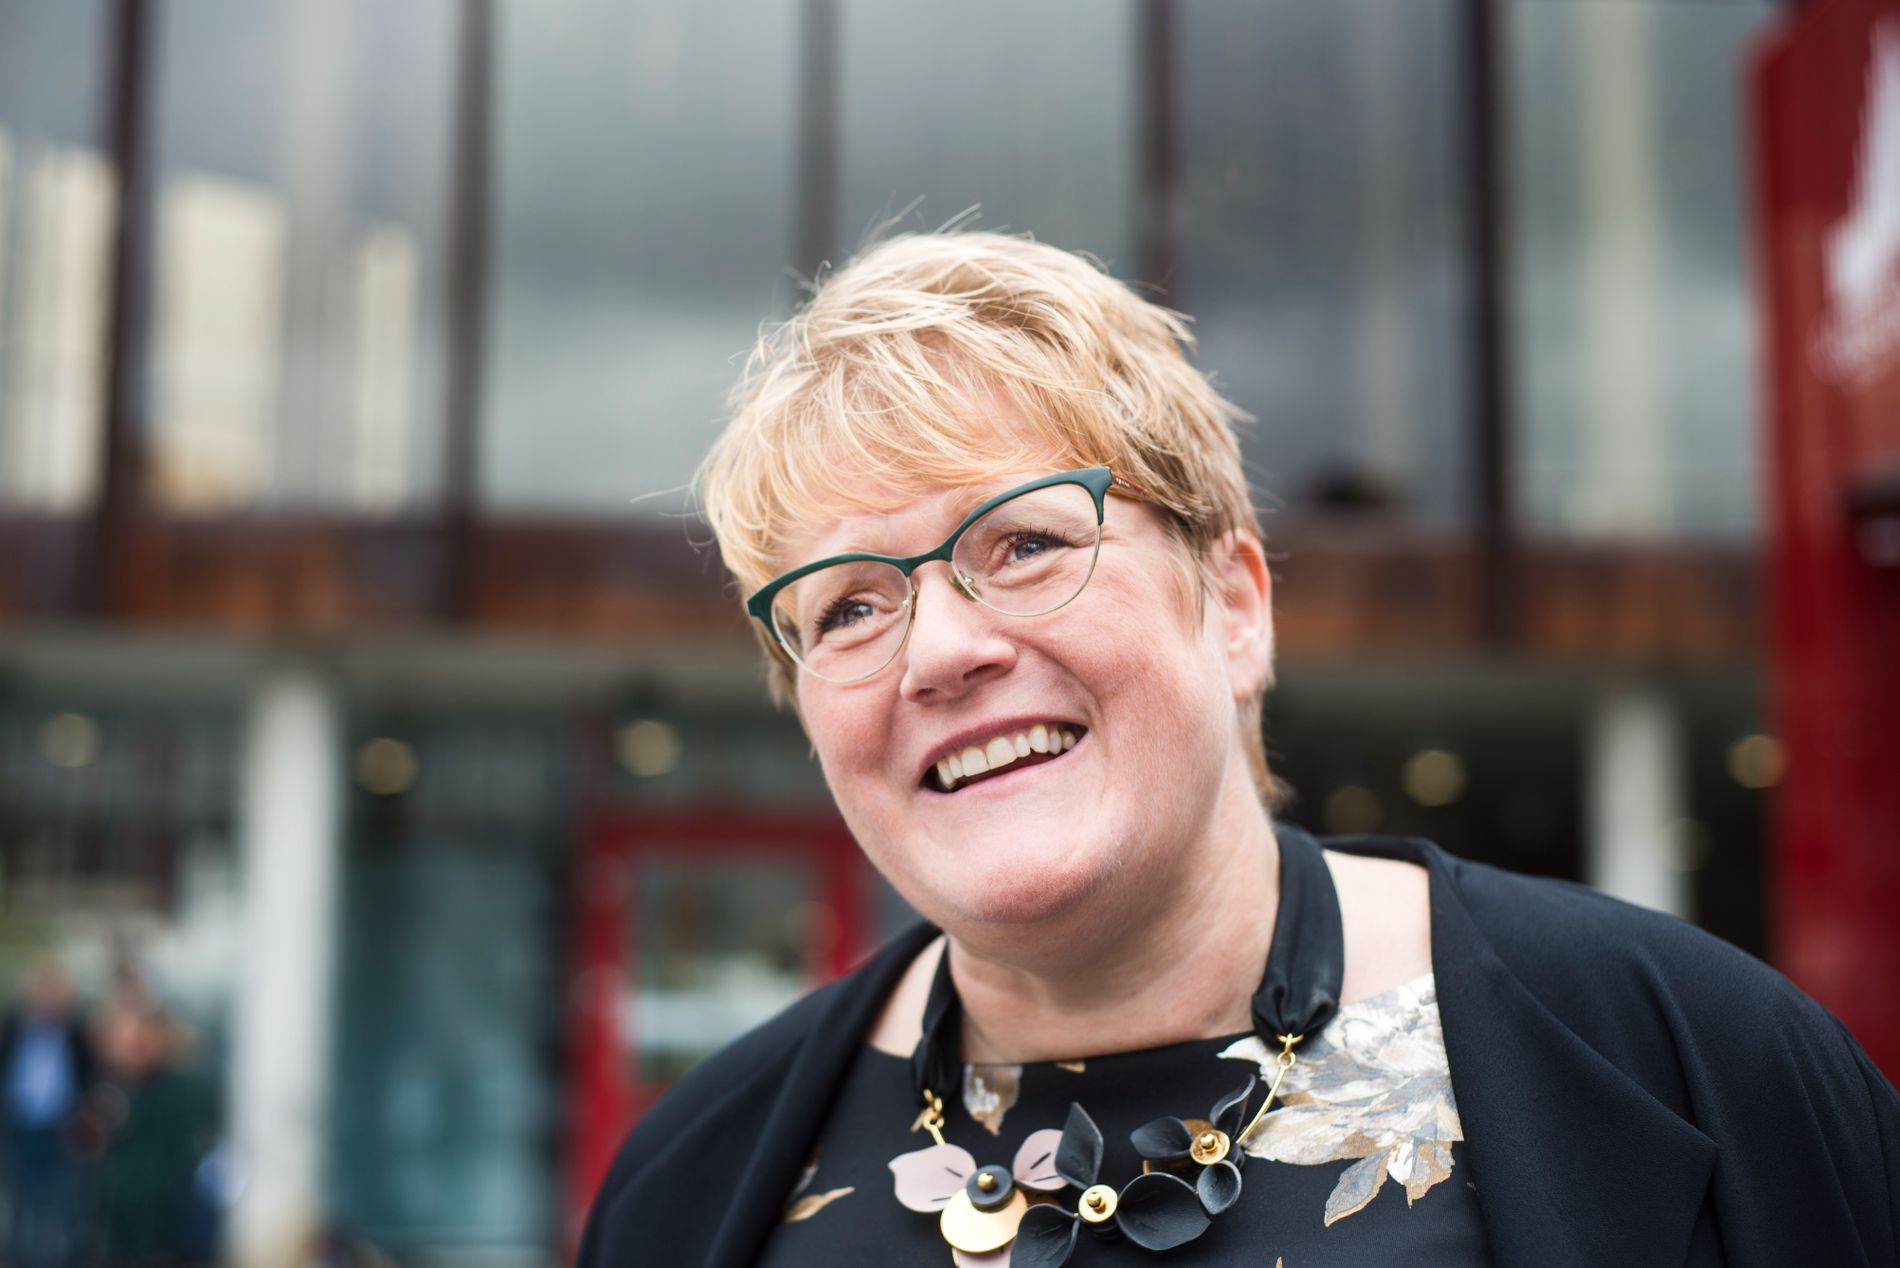 OSLO-SENTRERT: Kulturminister Trine Skei Grande (V) forsøker å redusere kritikken til en krangel mellom Bergen og Oslo. Det er et billig triks, mener BT.